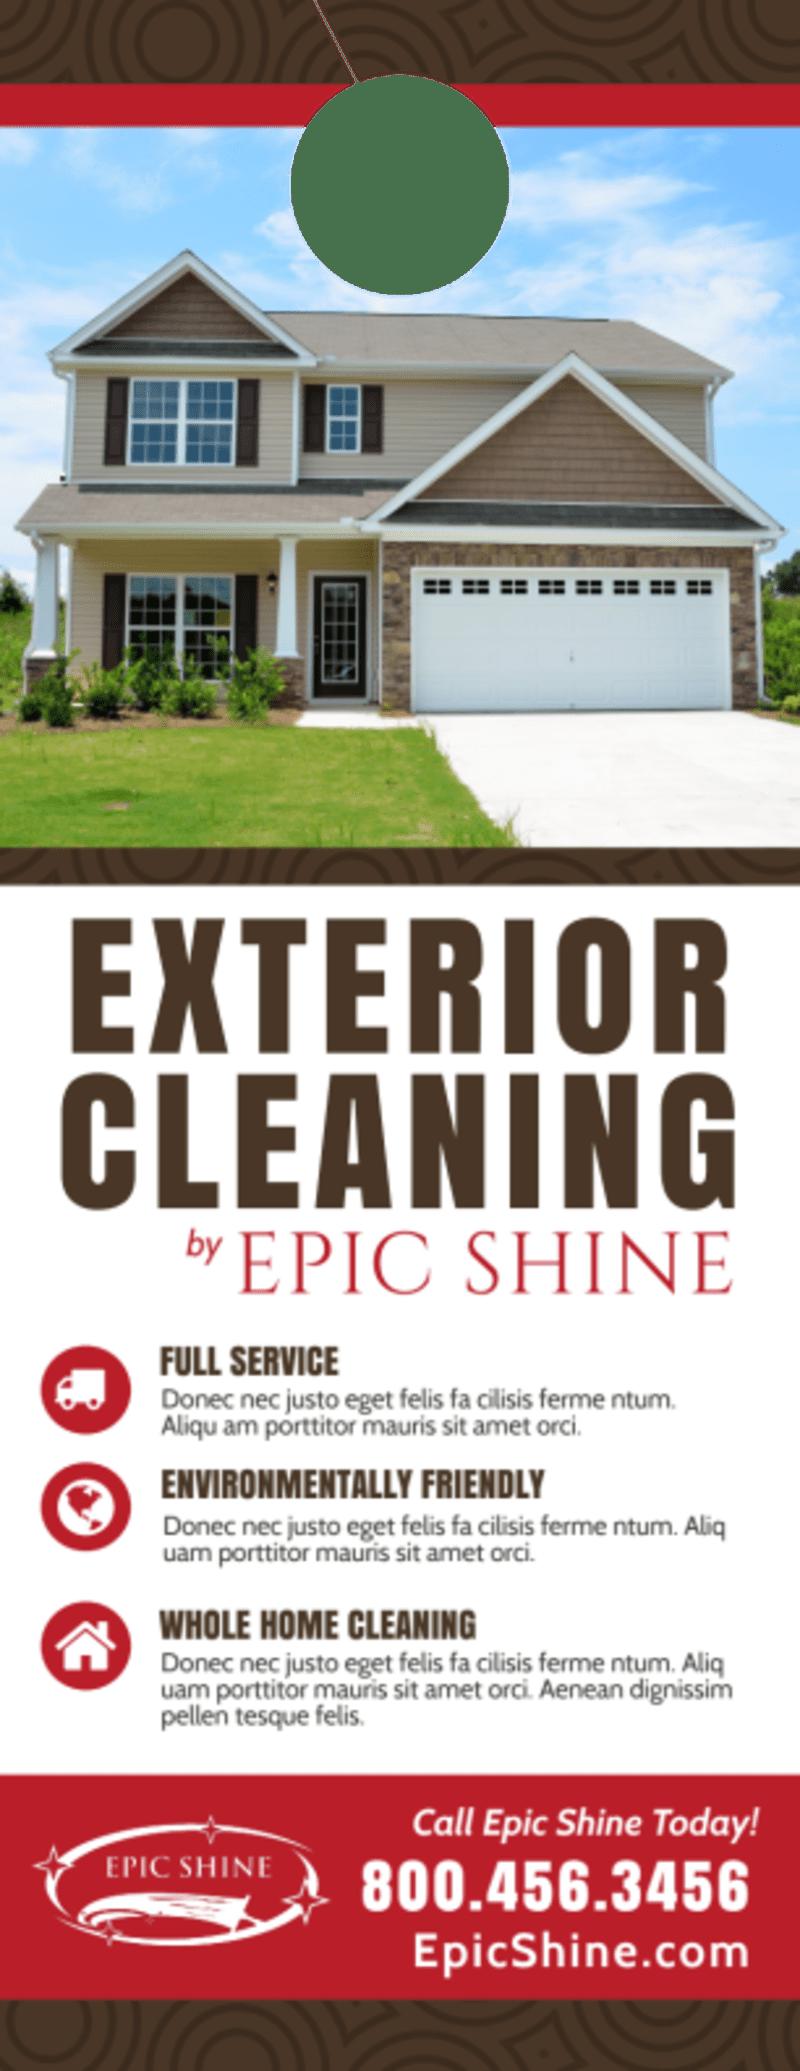 Exterior Cleaning Door Hanger Template Preview 2